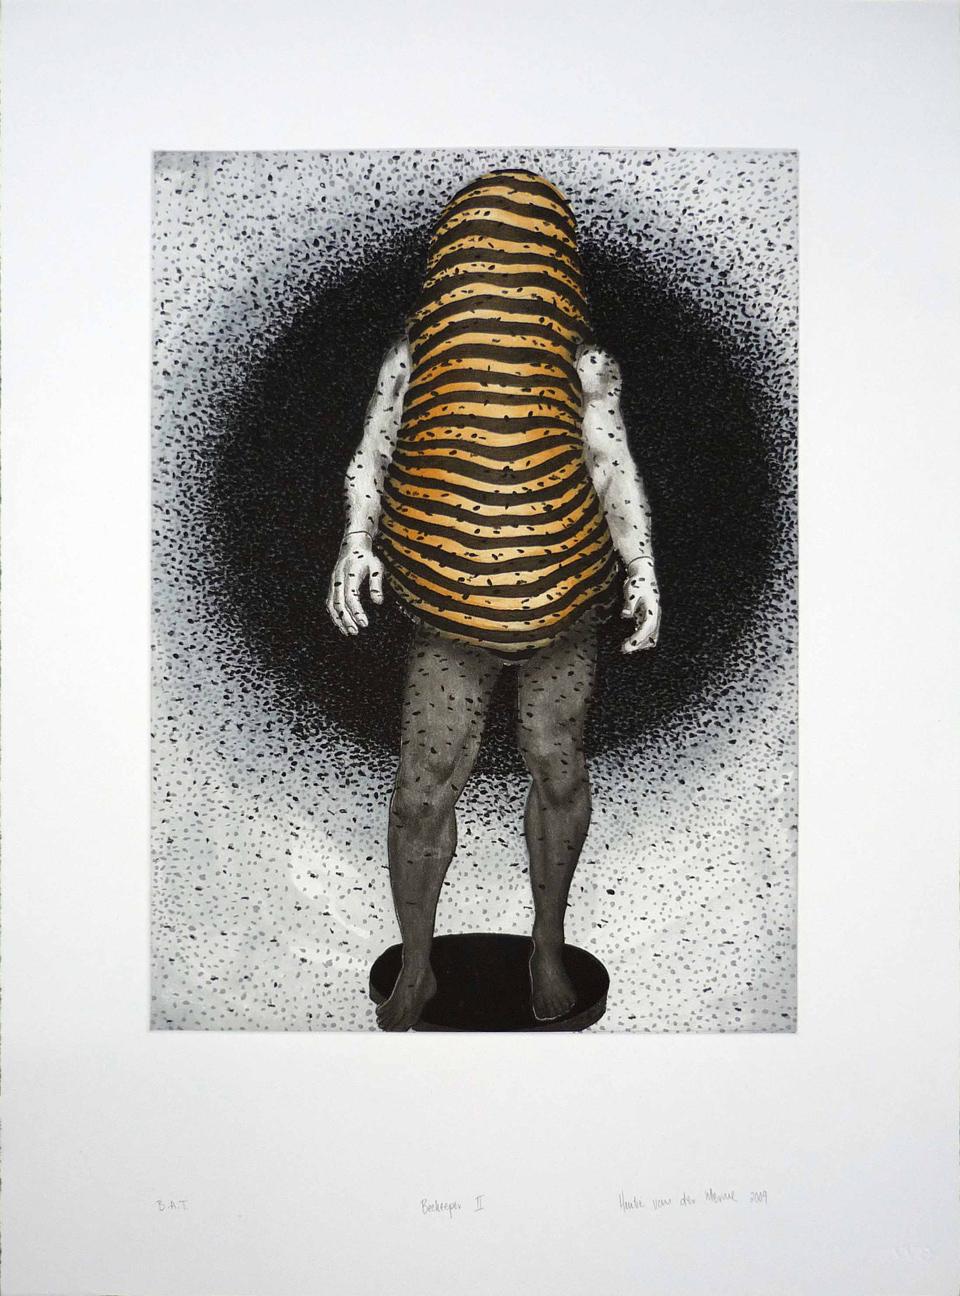 Hentie van der Merwe, Beekeeper II, Prints